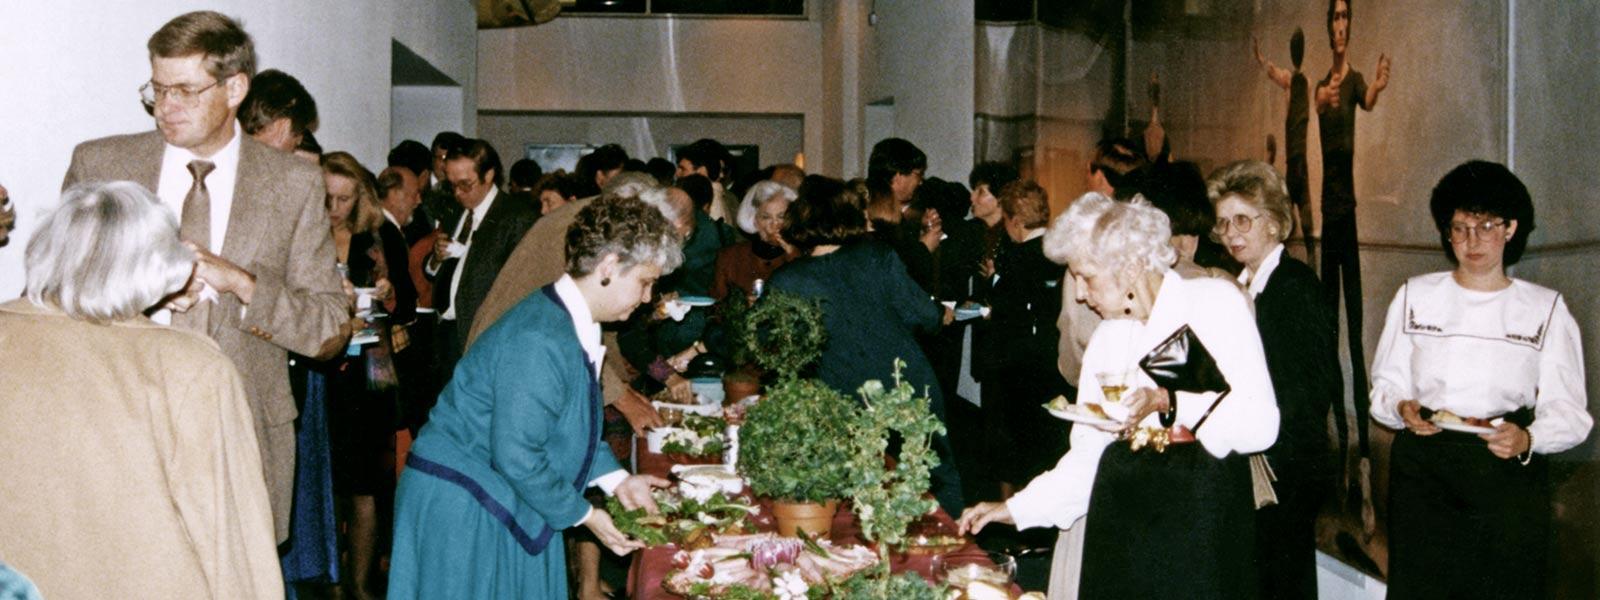 Associates event, 1992.